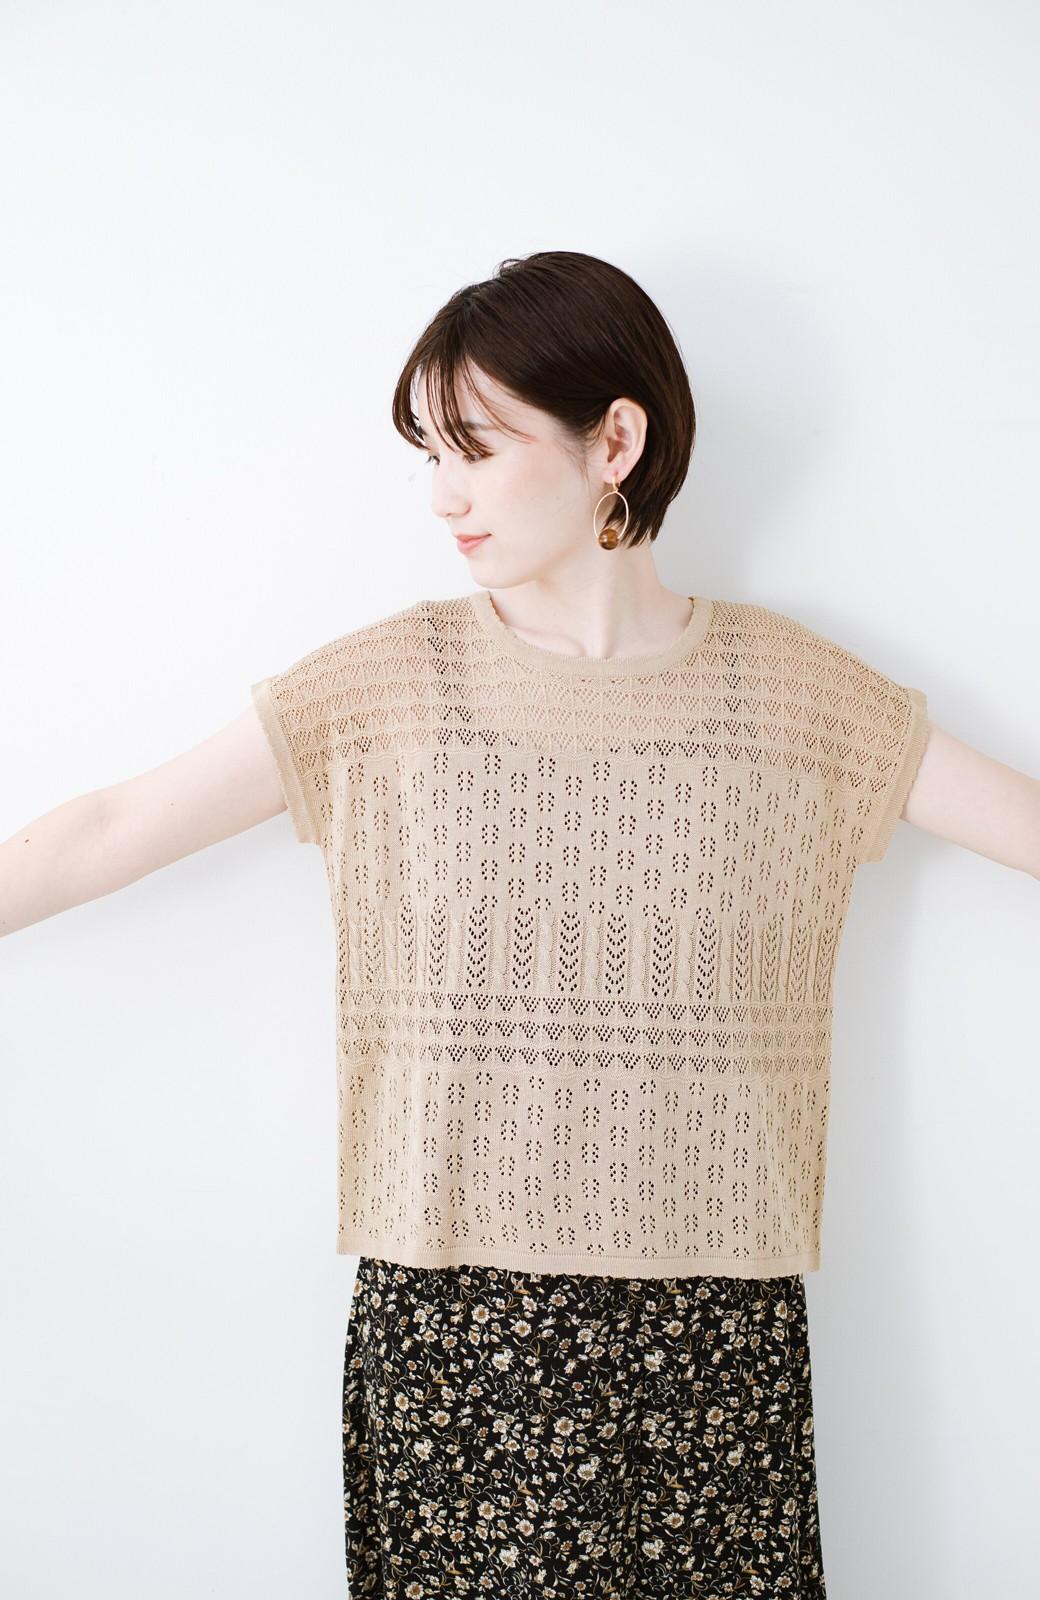 haco! 1枚でも重ね着にも便利なヘビロテしたくなる透かし編みニットトップス <ライトブラウン>の商品写真10